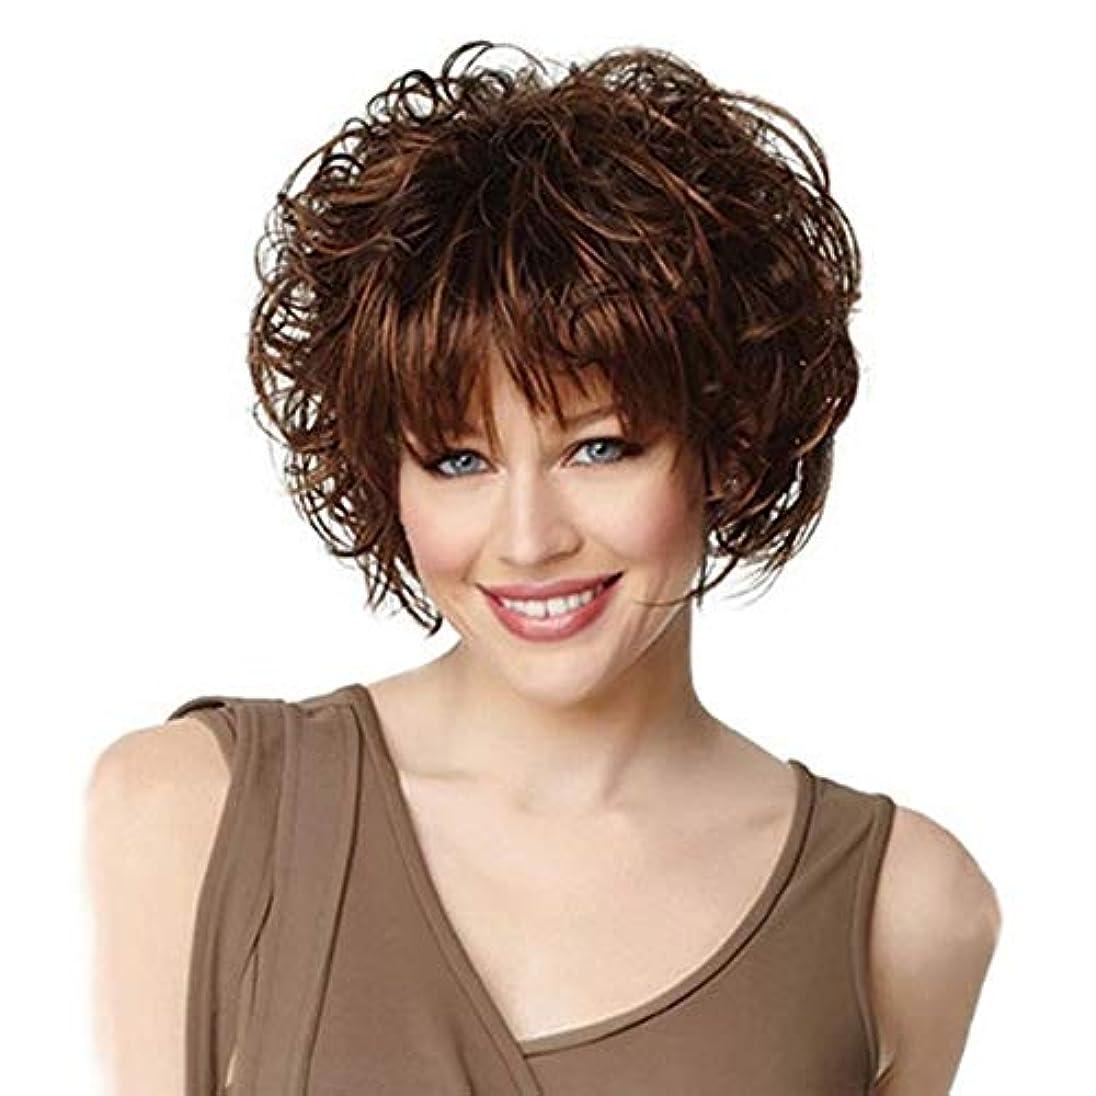 所有権とげにはまってYOUQIU ファッション、ボブスタイルの合成かつらチャーミングな女性のかつらをフルキャップウィッグショートカーリー茶ウィッグ (色 : ブラウン)